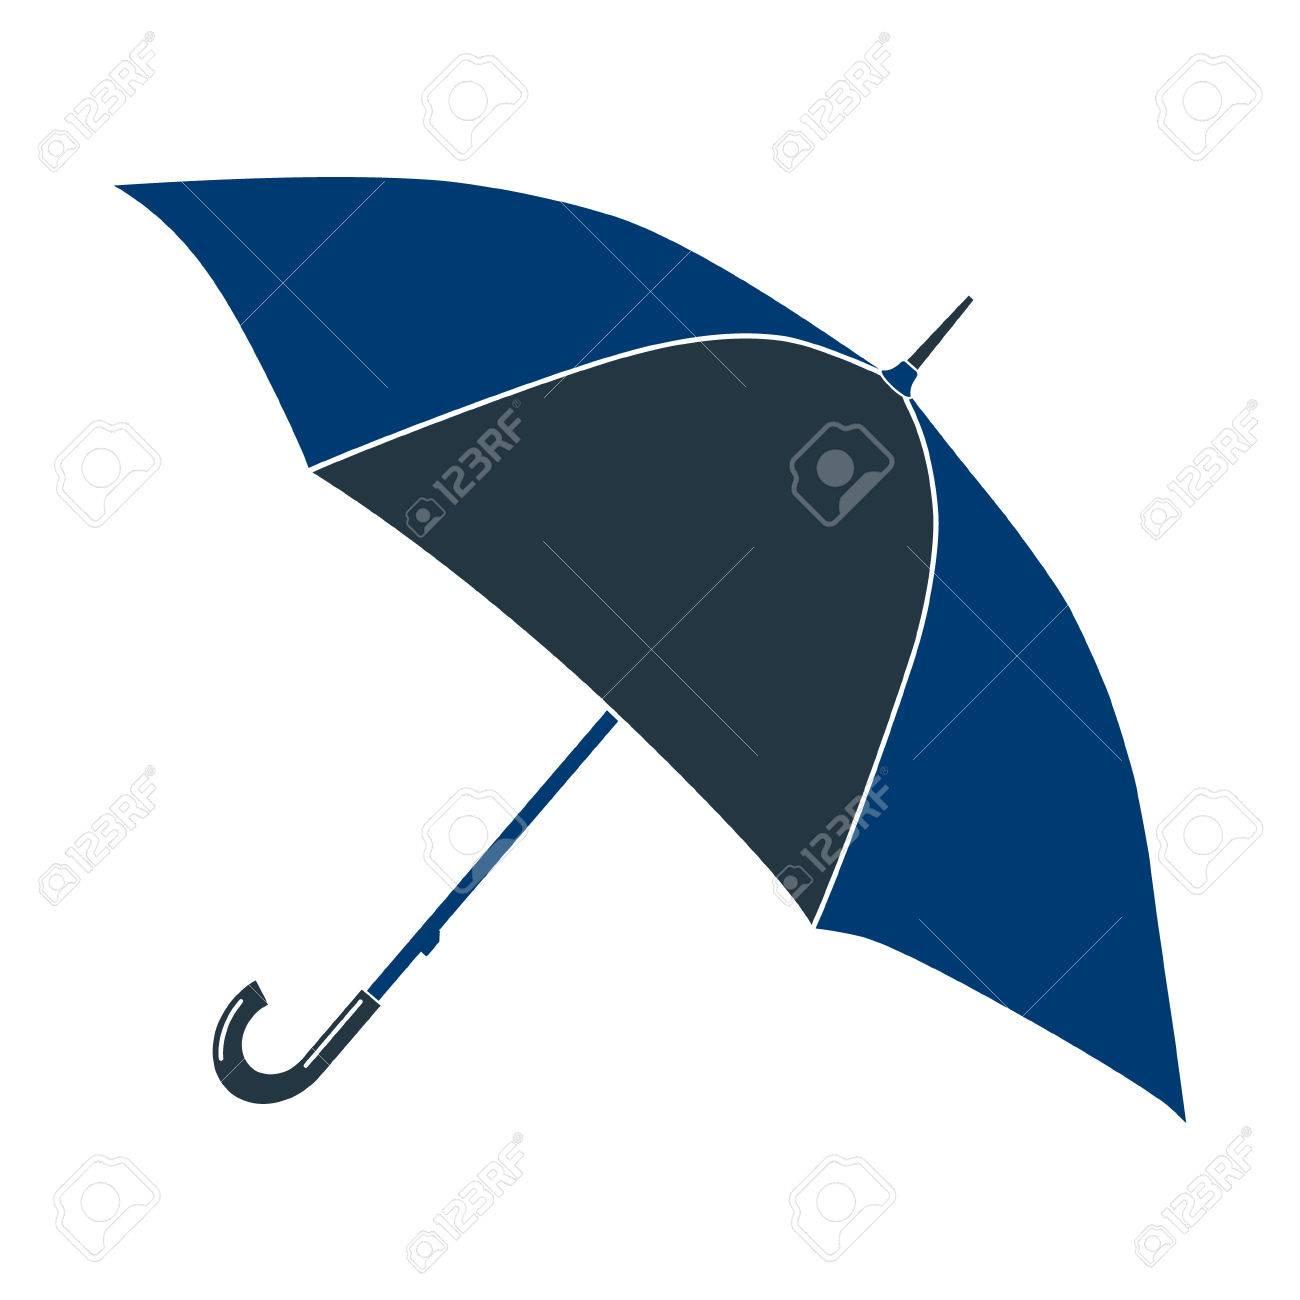 bas prix 434f0 aa8f7 Icône pétales bleu parapluie rond. Illustration photo.